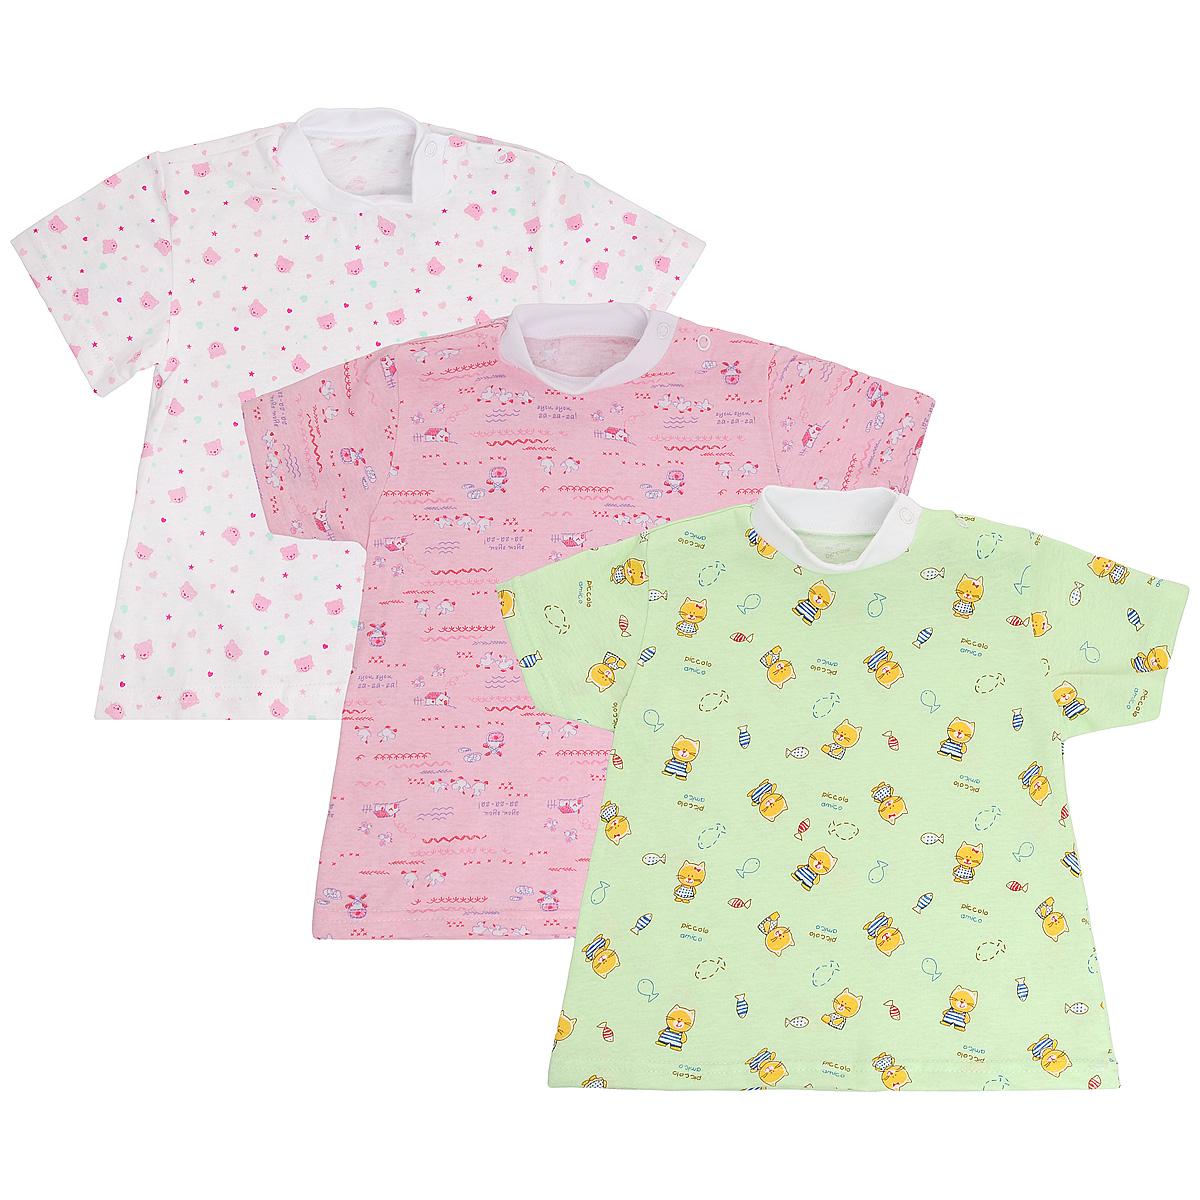 Футболка для девочки Фреш стайл, цвет в ассортименте, 3 шт. 10-237д. Размер 86, 18 месяцев10-237дКомплект Фреш Стайл состоит из трех футболок для девочки.Кофточки с короткими рукавами послужат идеальным дополнением к гардеробу малышки, обеспечивая ей наибольший комфорт. Изготовленные из натурального хлопка, они необычайно мягкие и легкие, не раздражают нежную кожу ребенка и хорошо вентилируются, а эластичные швы приятны телу малышки и не препятствуют ее движениям. Удобные застежки-кнопки по плечу помогают легко переодеть ребенка.Воротник-стойка дополнен эластичной резинкой. Украшены футболочки яркими рисунками. Оригинальный дизайн и яркая расцветка делают эти футболочки модным и стильным предметом детского гардероба. В них вашей малышке всегда будет комфортно и уютно. УВАЖАЕМЫЕ КЛИЕНТЫ! Обращаем ваше внимание на возможные изменения в дизайне, связанные с ассортиментом продукции: рисунок и цветовая гамма могут отличаться от представленного на изображении. Возможные варианты рисунков и цветов представлены на отдельном изображении фрагментом ткани.